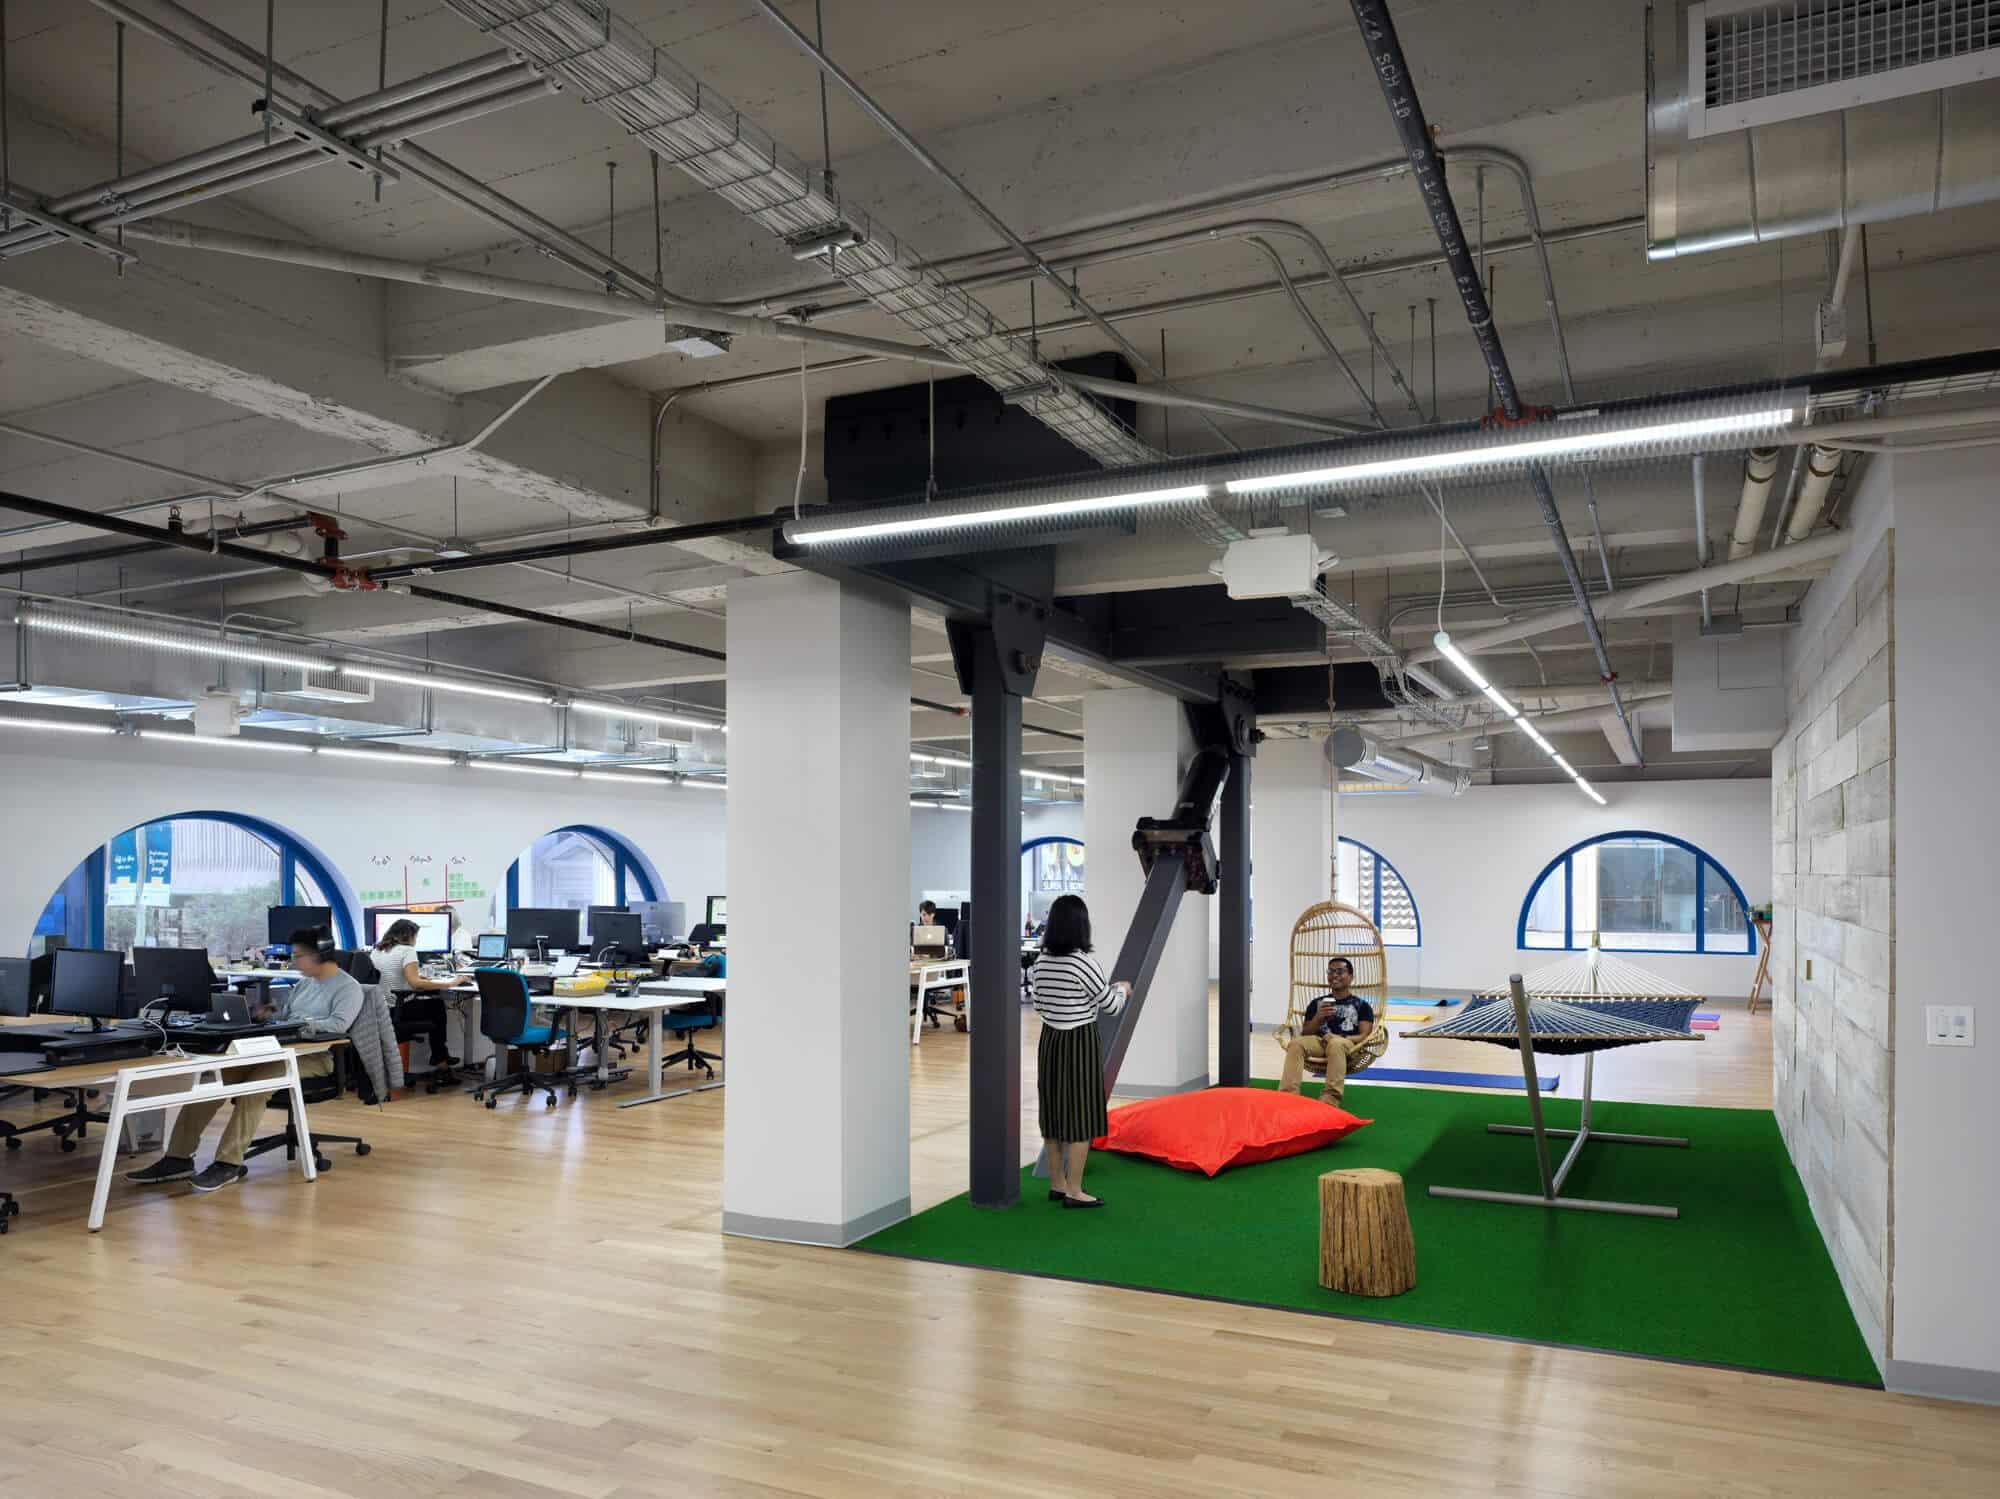 tenant improvement of PicsArt in San Francisco Image 6